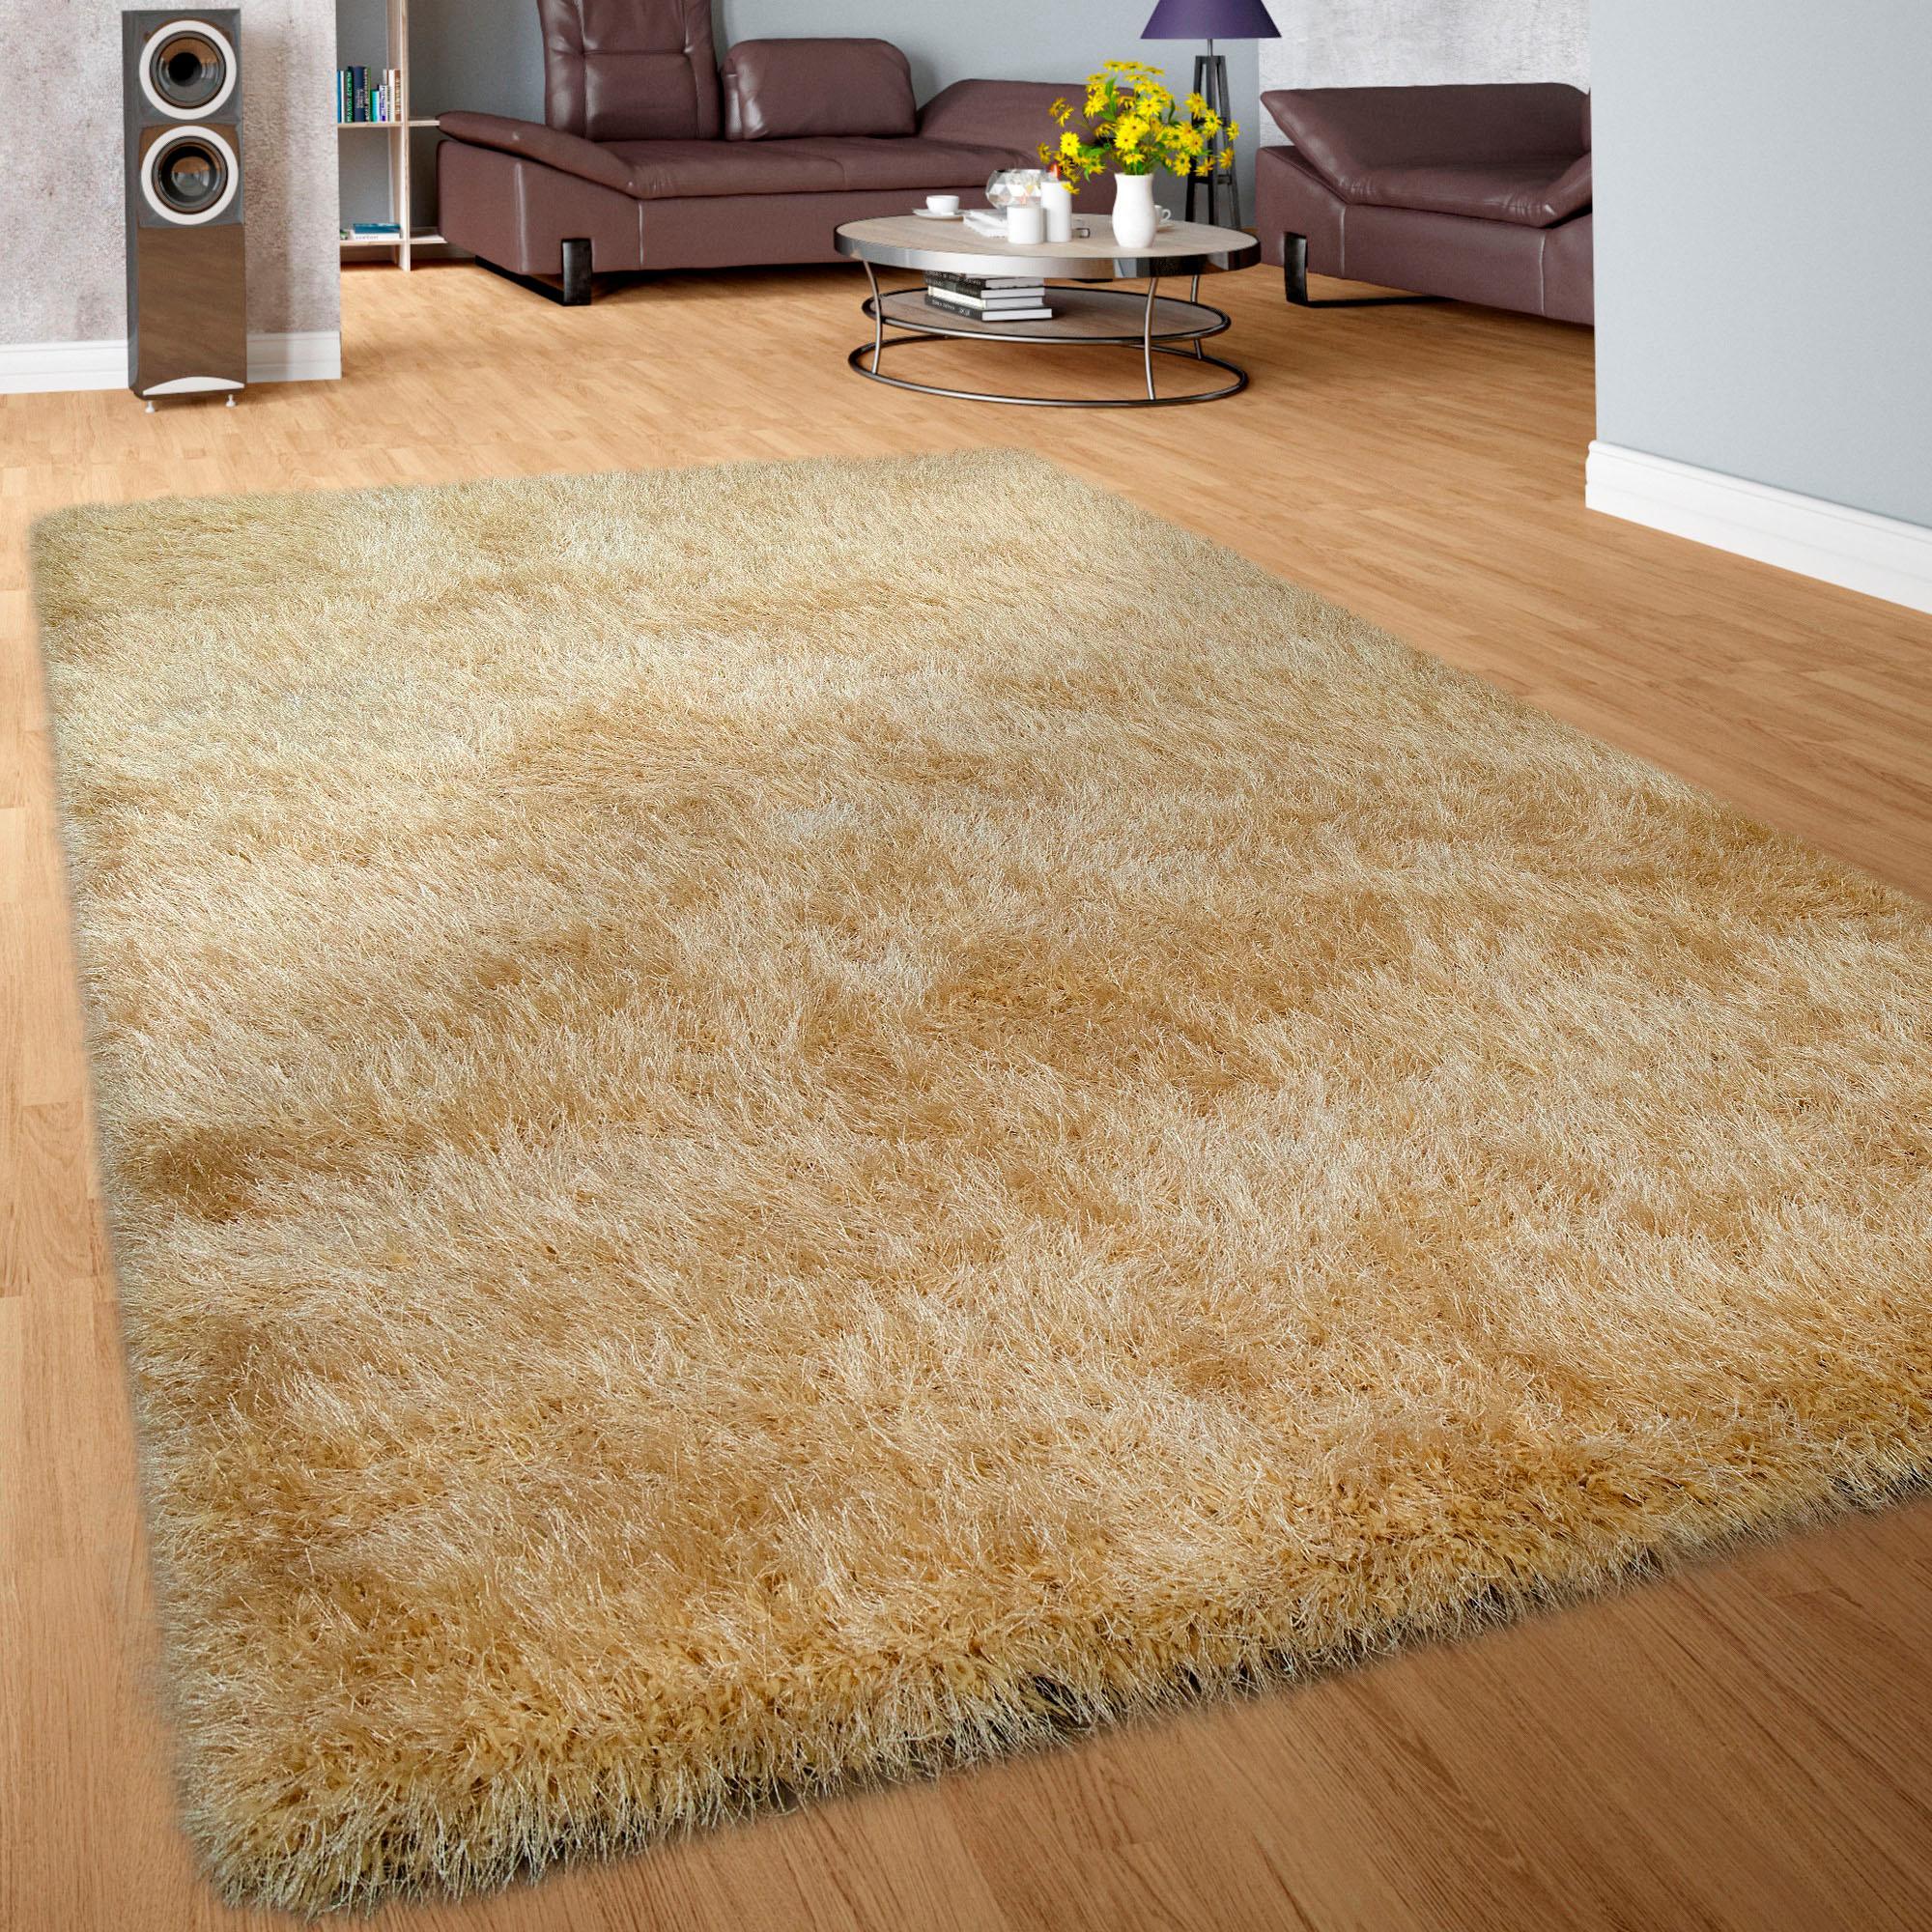 Teppich Glamour 300 Paco Home rund Höhe 75 mm maschinell gewebt